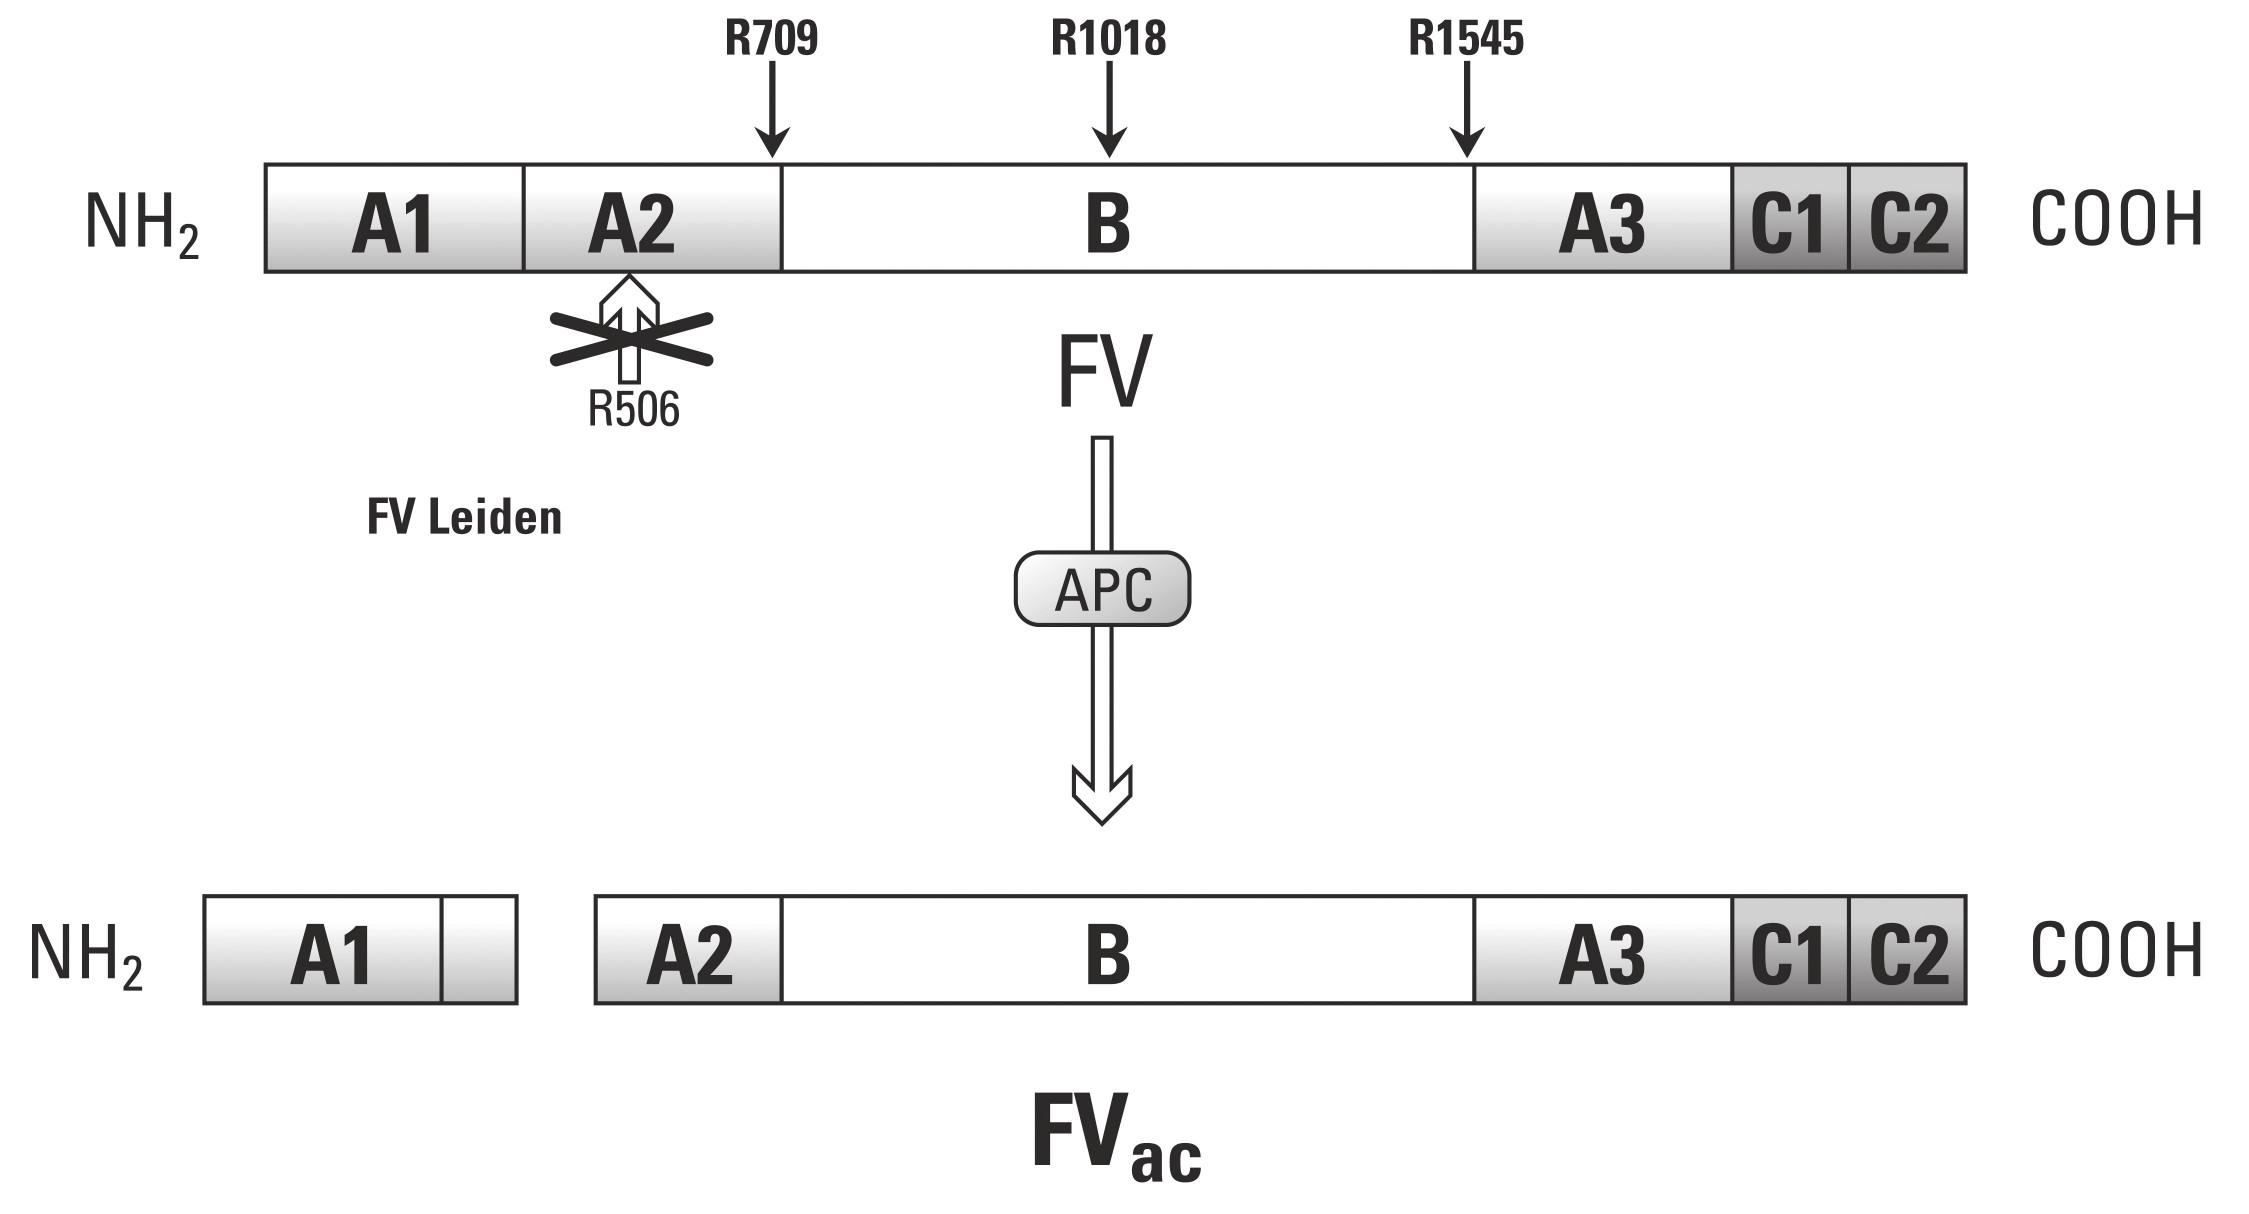 Antikoagulační struktura F V (převzato z práce Segers K., Dahlbäck B, Nicolaes G. Coagulation factor V and thrombophilia: Background and mechanisms).